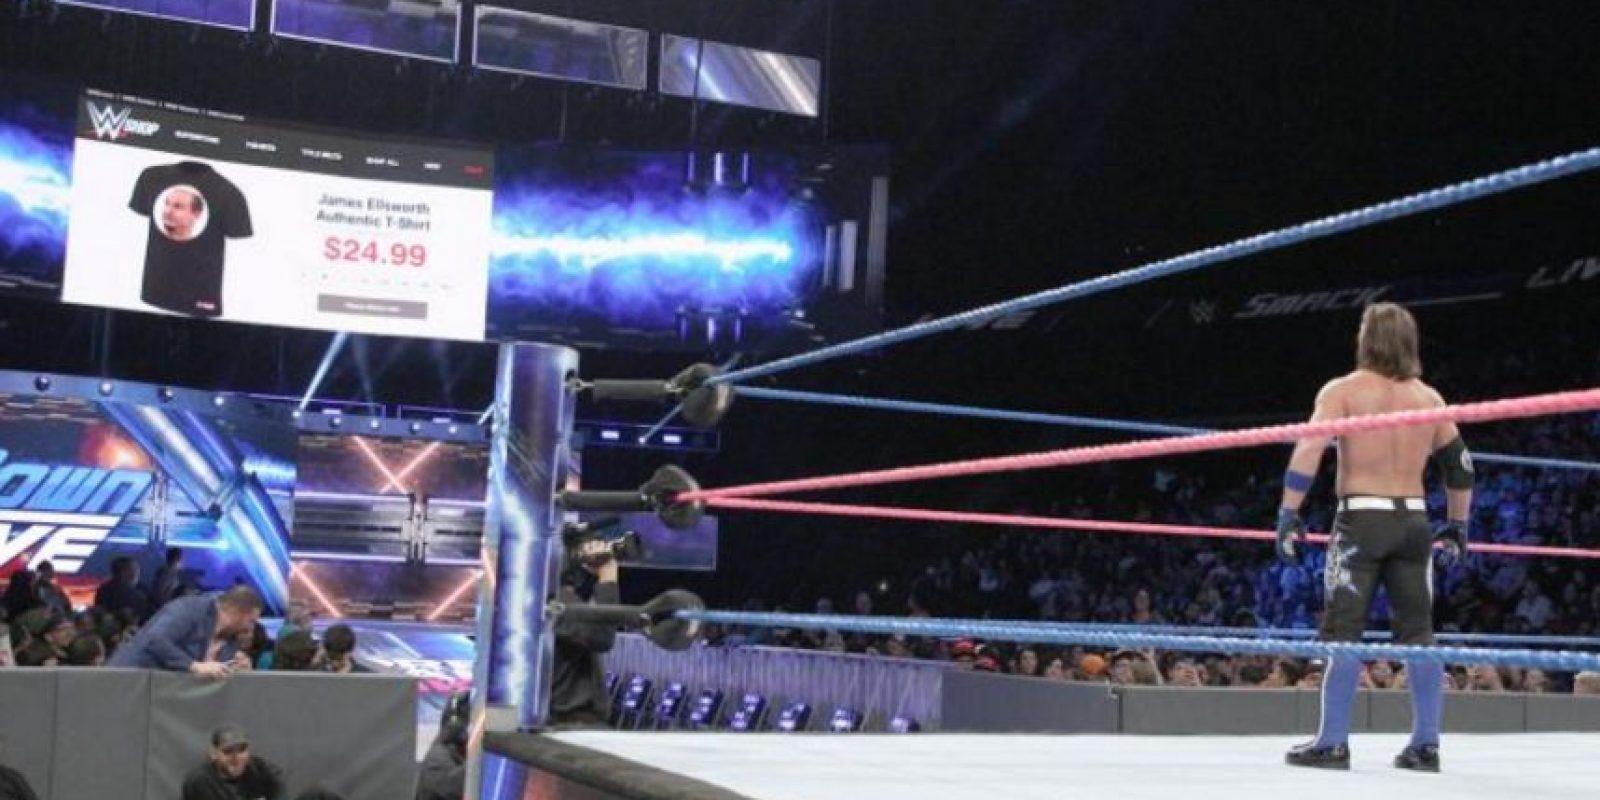 Las mejores imágenes de James Ellsworth en WWE Foto:WWE